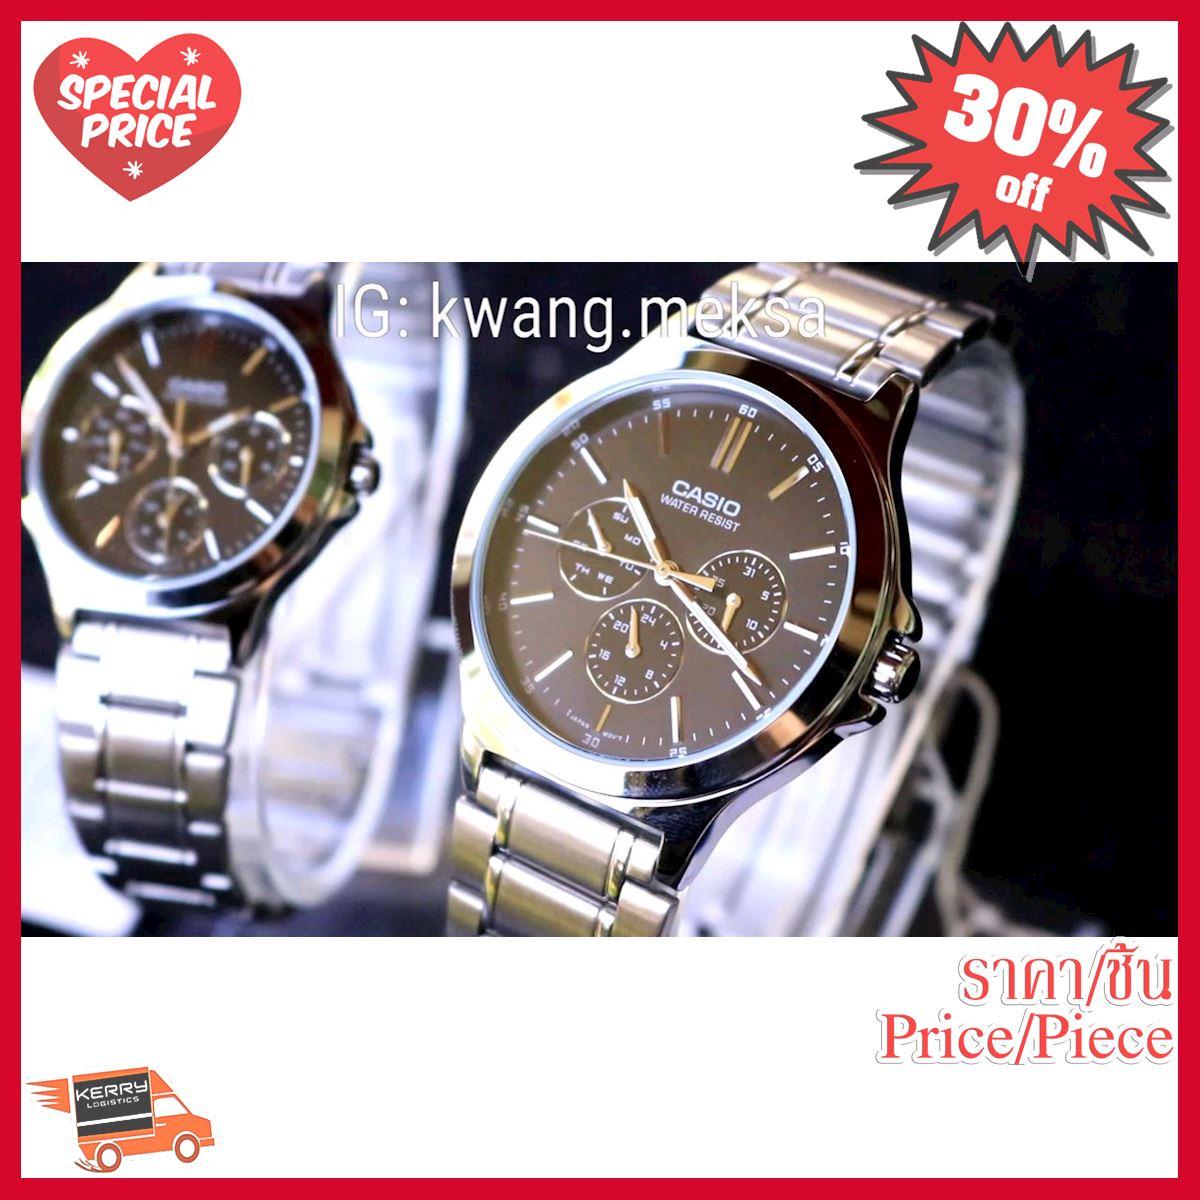 NEW!! ## Casio แท้% นาฬิกาข้อมือชาย หญิง สีเงินหน้าปัดดำ สายสแตนเลส [*สินค้ารายการนี้มีตัวเลือก* ทักแชทก่อนซื้อนะคะ]➡️ไซ